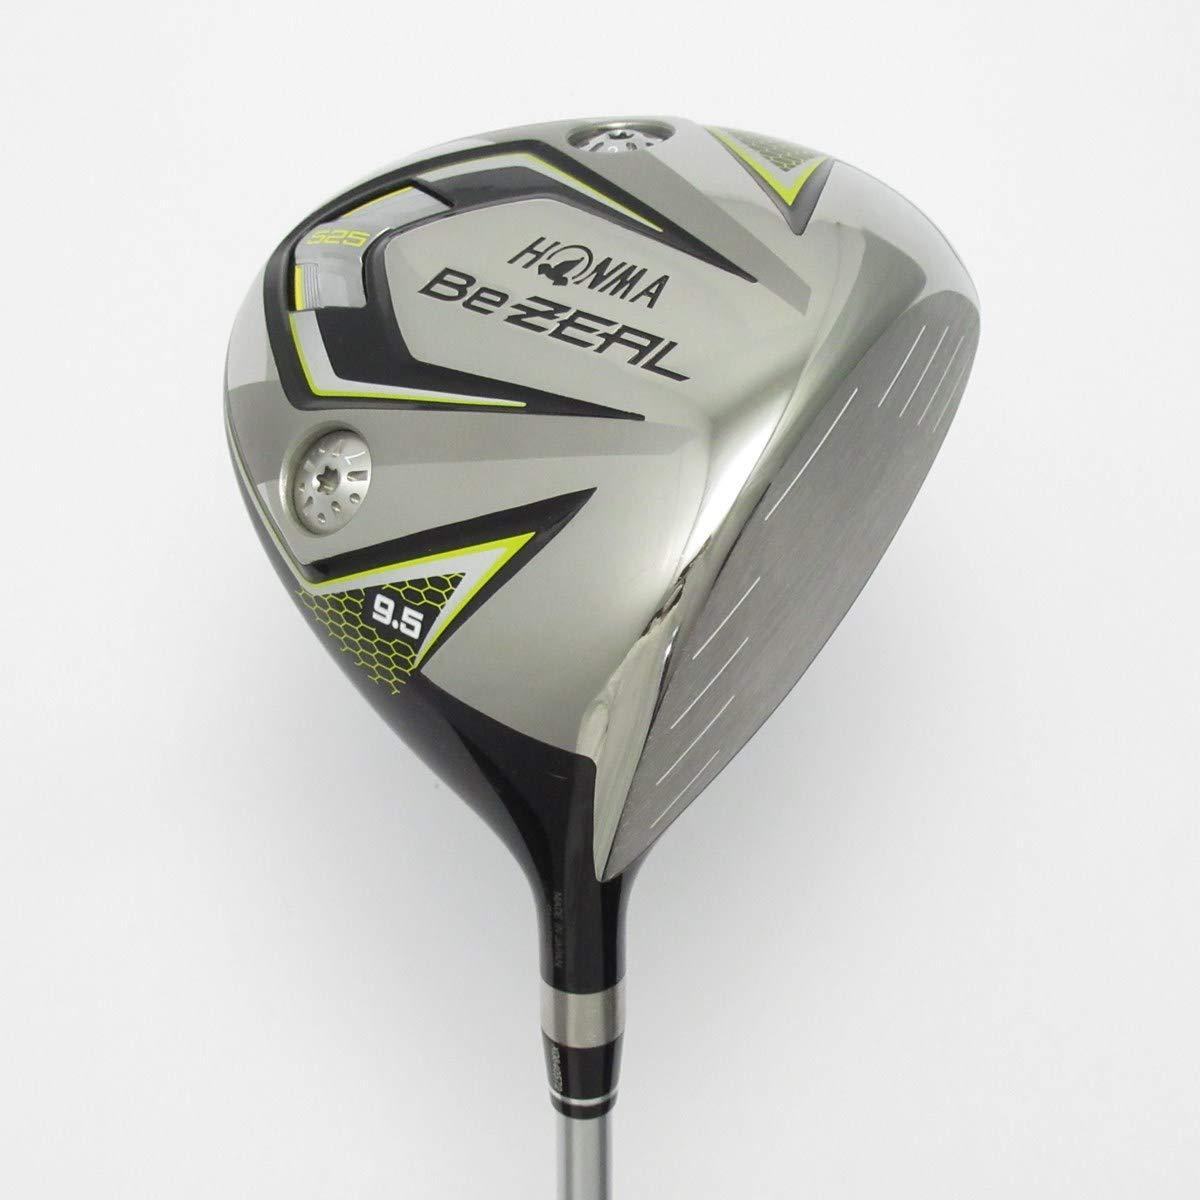 【中古】本間ゴルフ Be ZEAL Be ZEAL 525 ドライバー VIZARD for Be ZEAL B07R915LTL  S